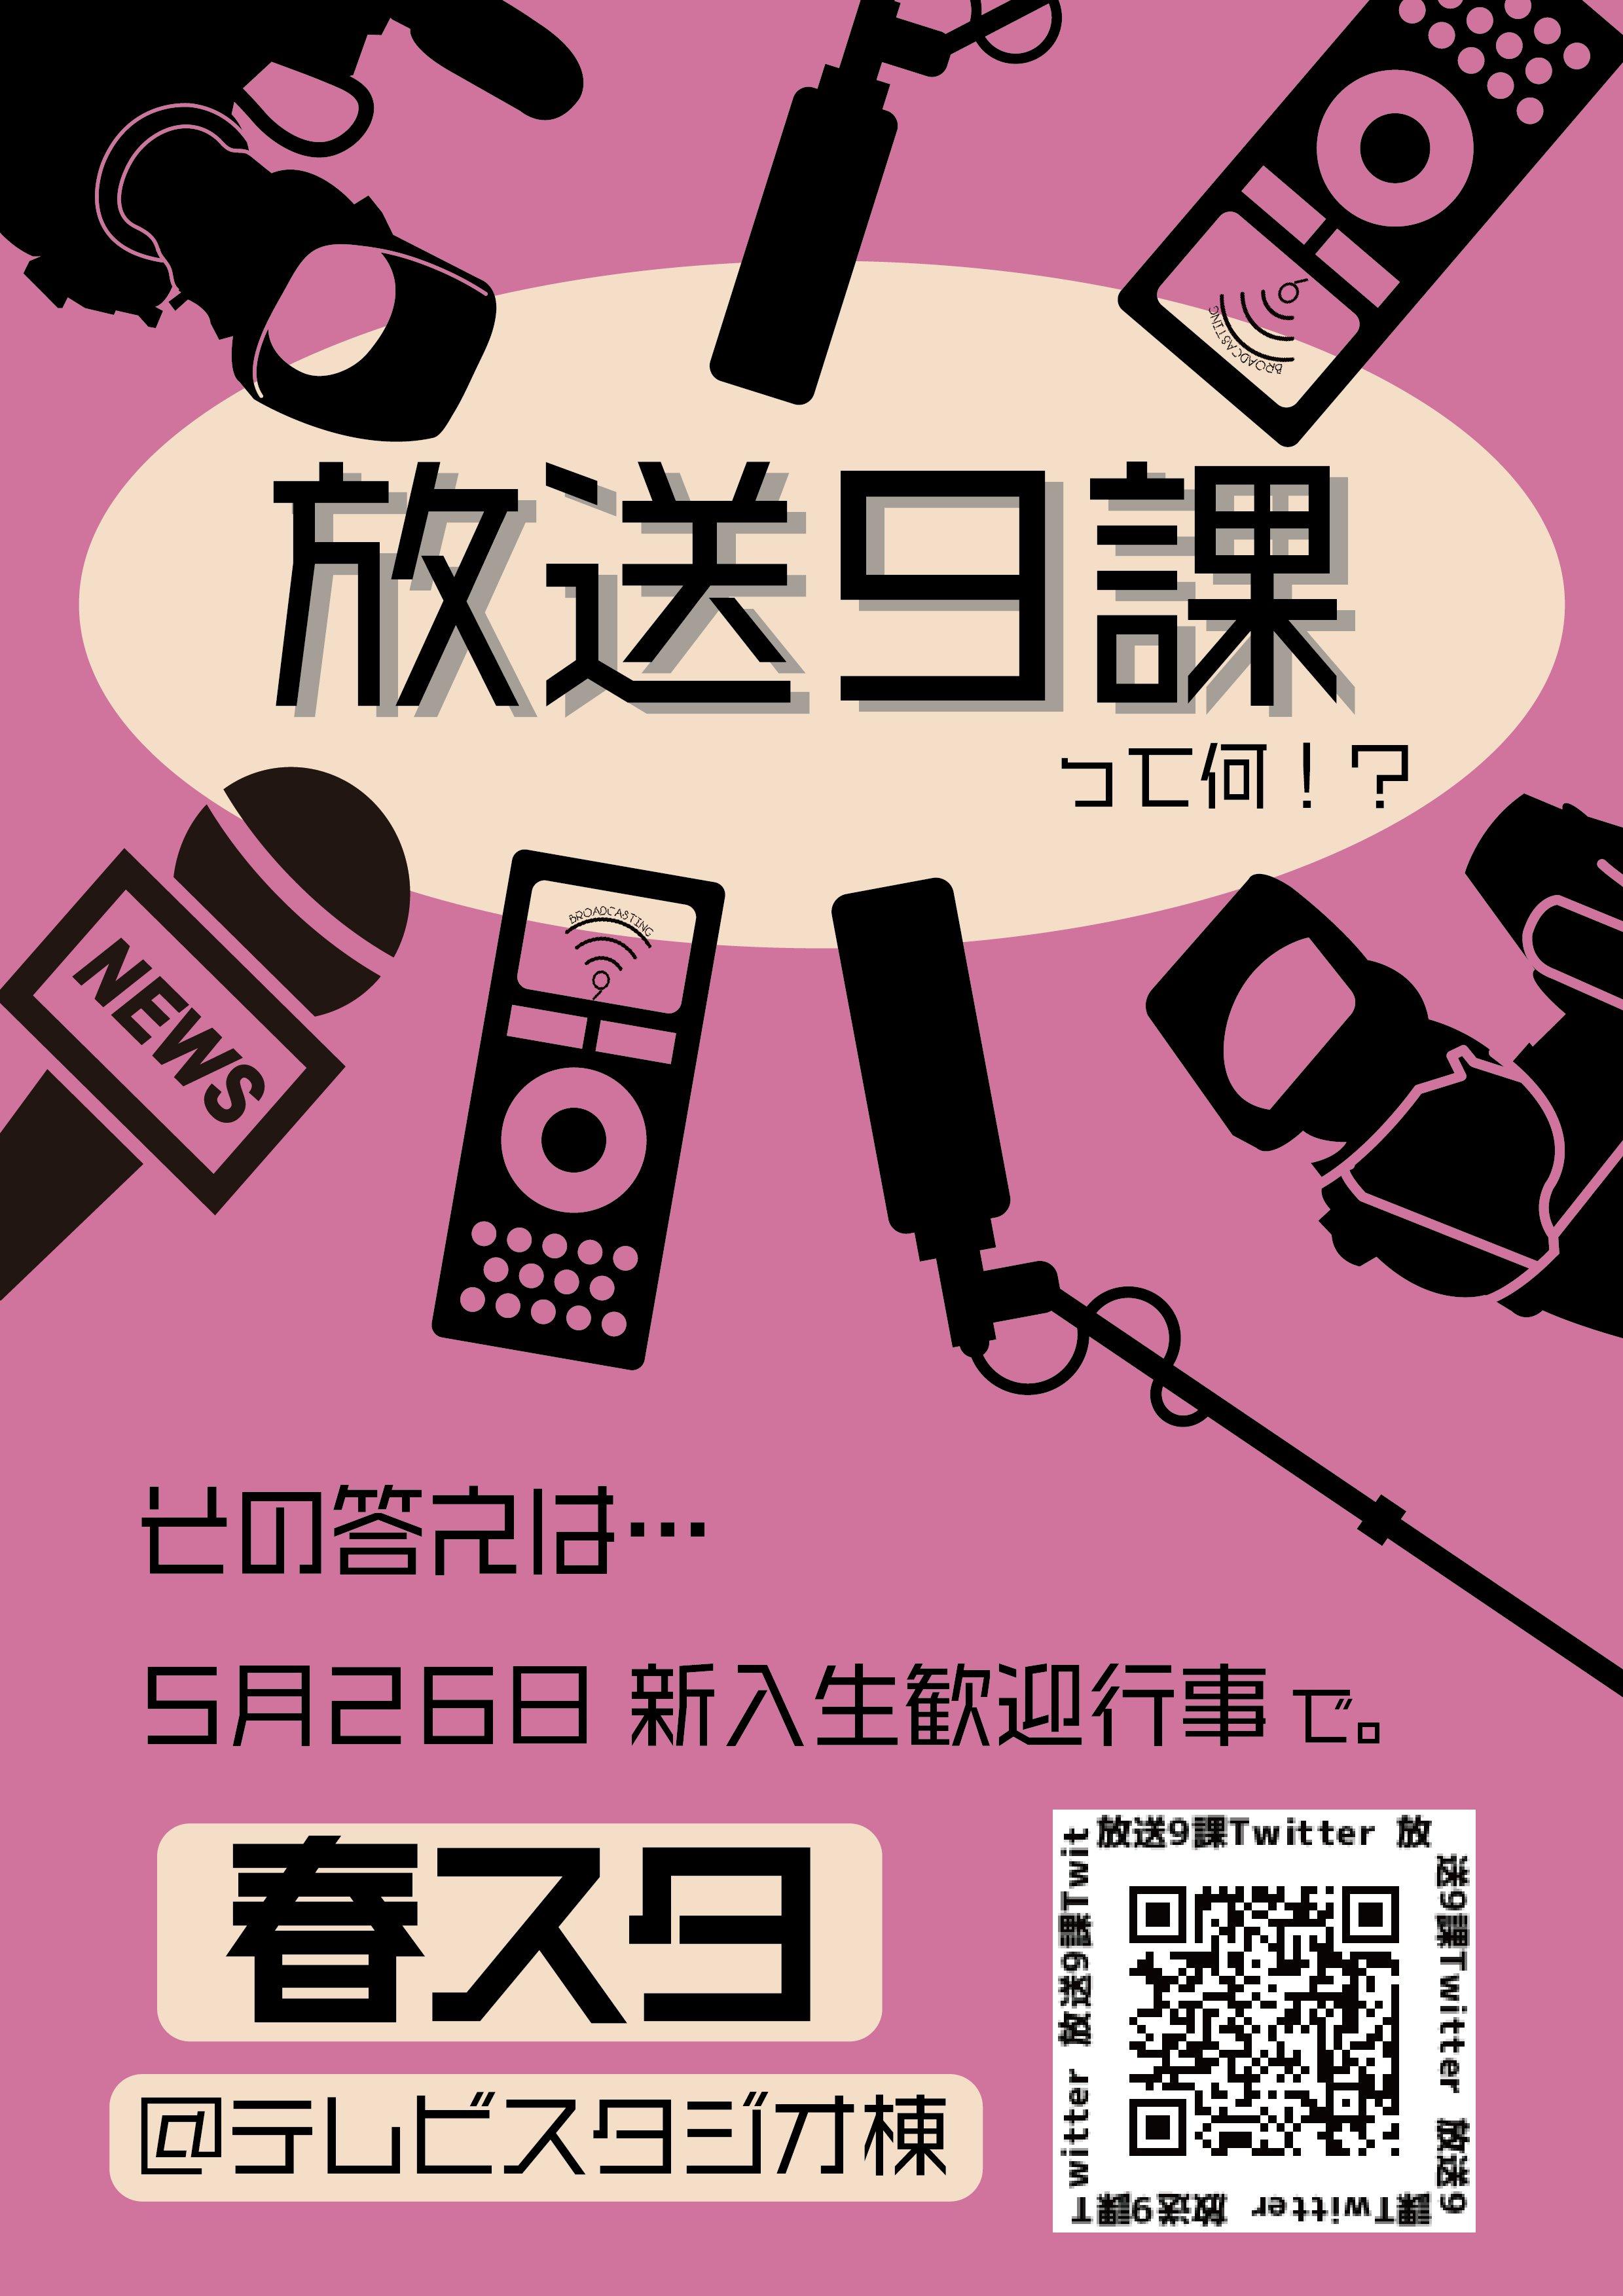 5月26日:日本大学芸術学部放送9課【春スタ】に協賛します!